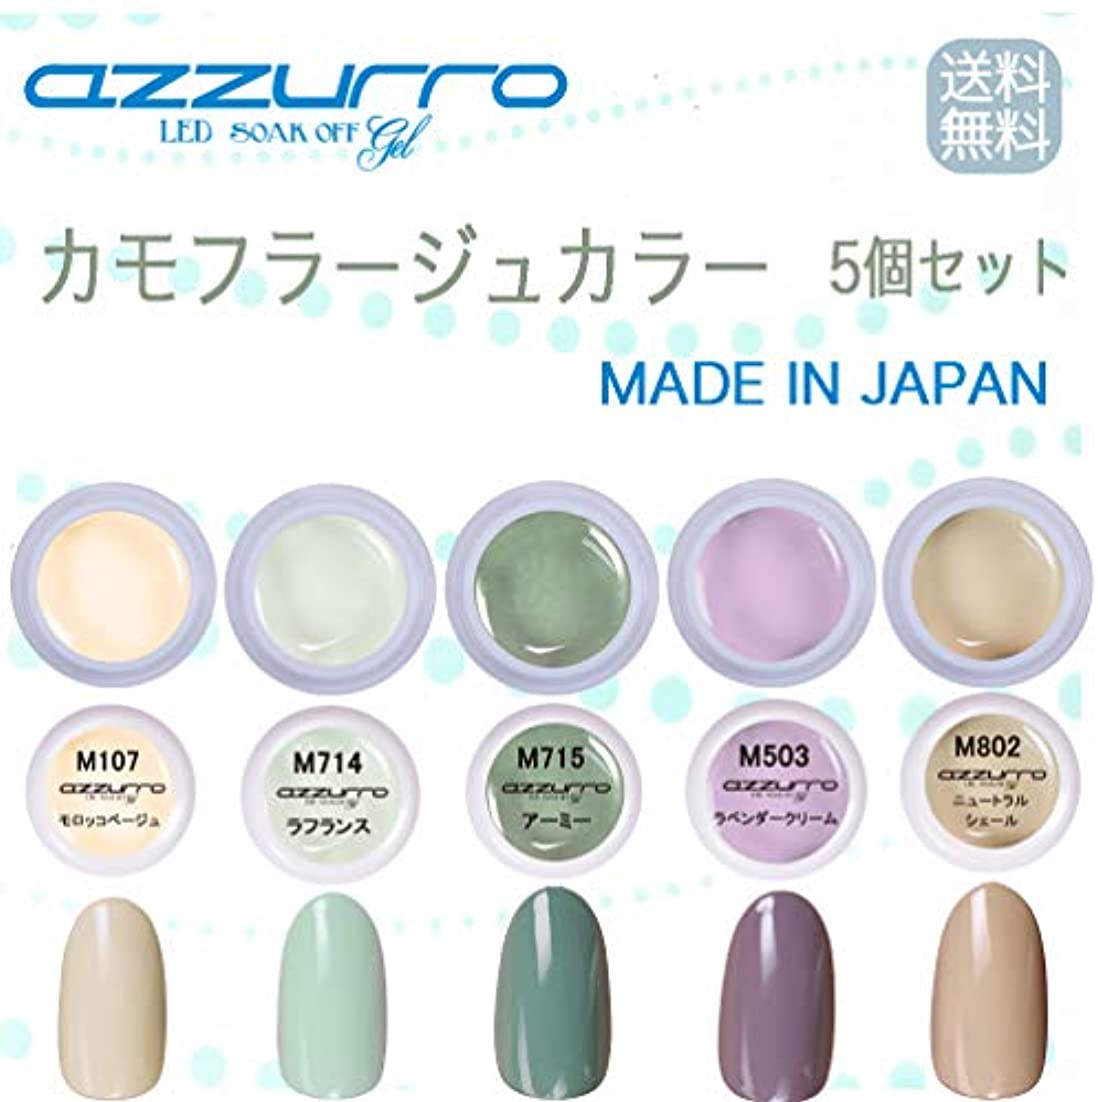 プール糞雷雨【送料無料】日本製 azzurro gel カモフラージュカラージェル5個セット 春にピッタリでクールなトレンドカラーのカモフラージュカラー